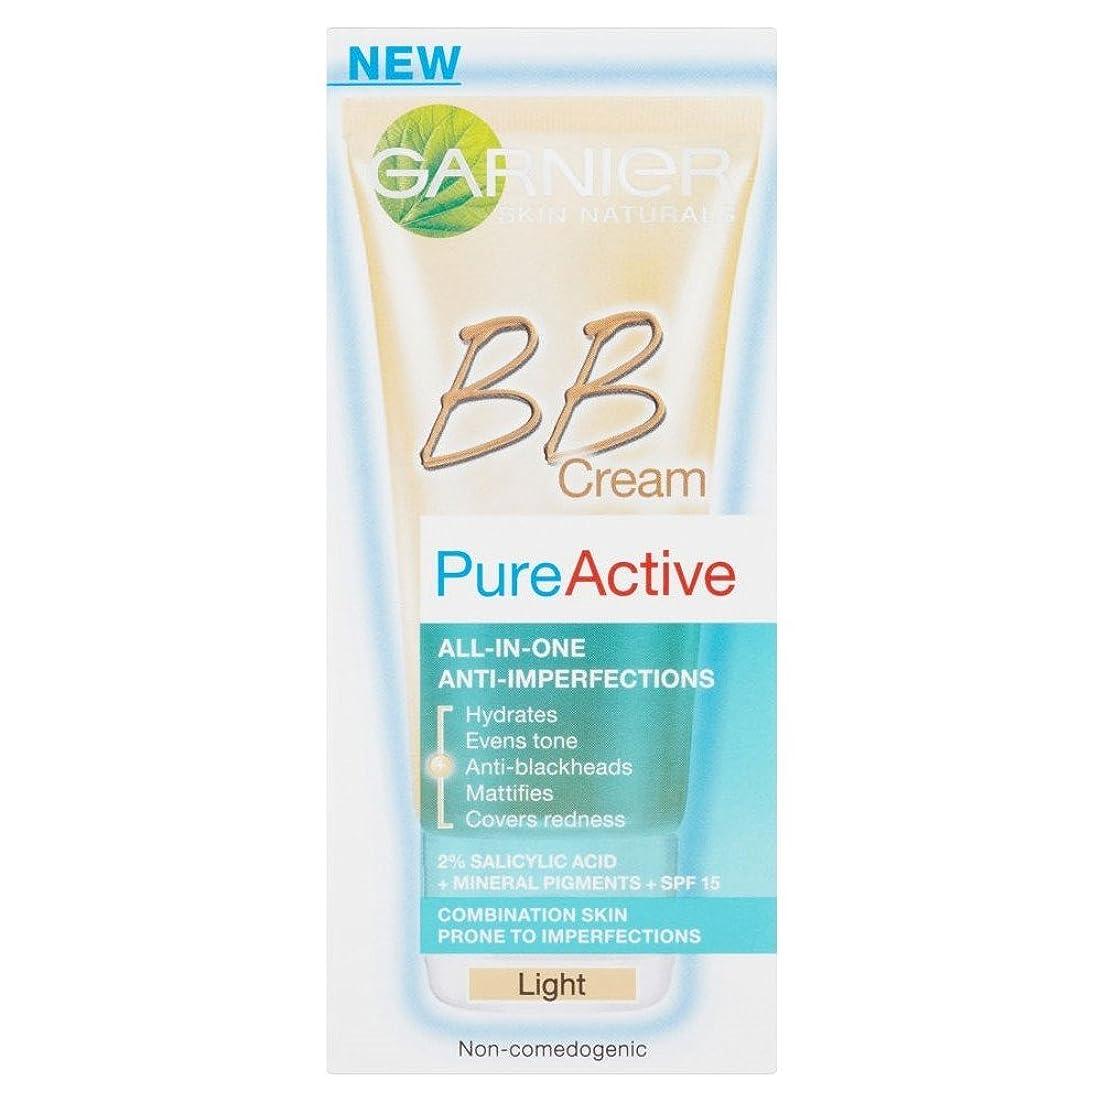 標高確かめるめまいがGarnier Pure Active BB Cream - Light (50ml) ガルニエ純粋な活性bbクリーム - 光( 50ミリリットル) [並行輸入品]